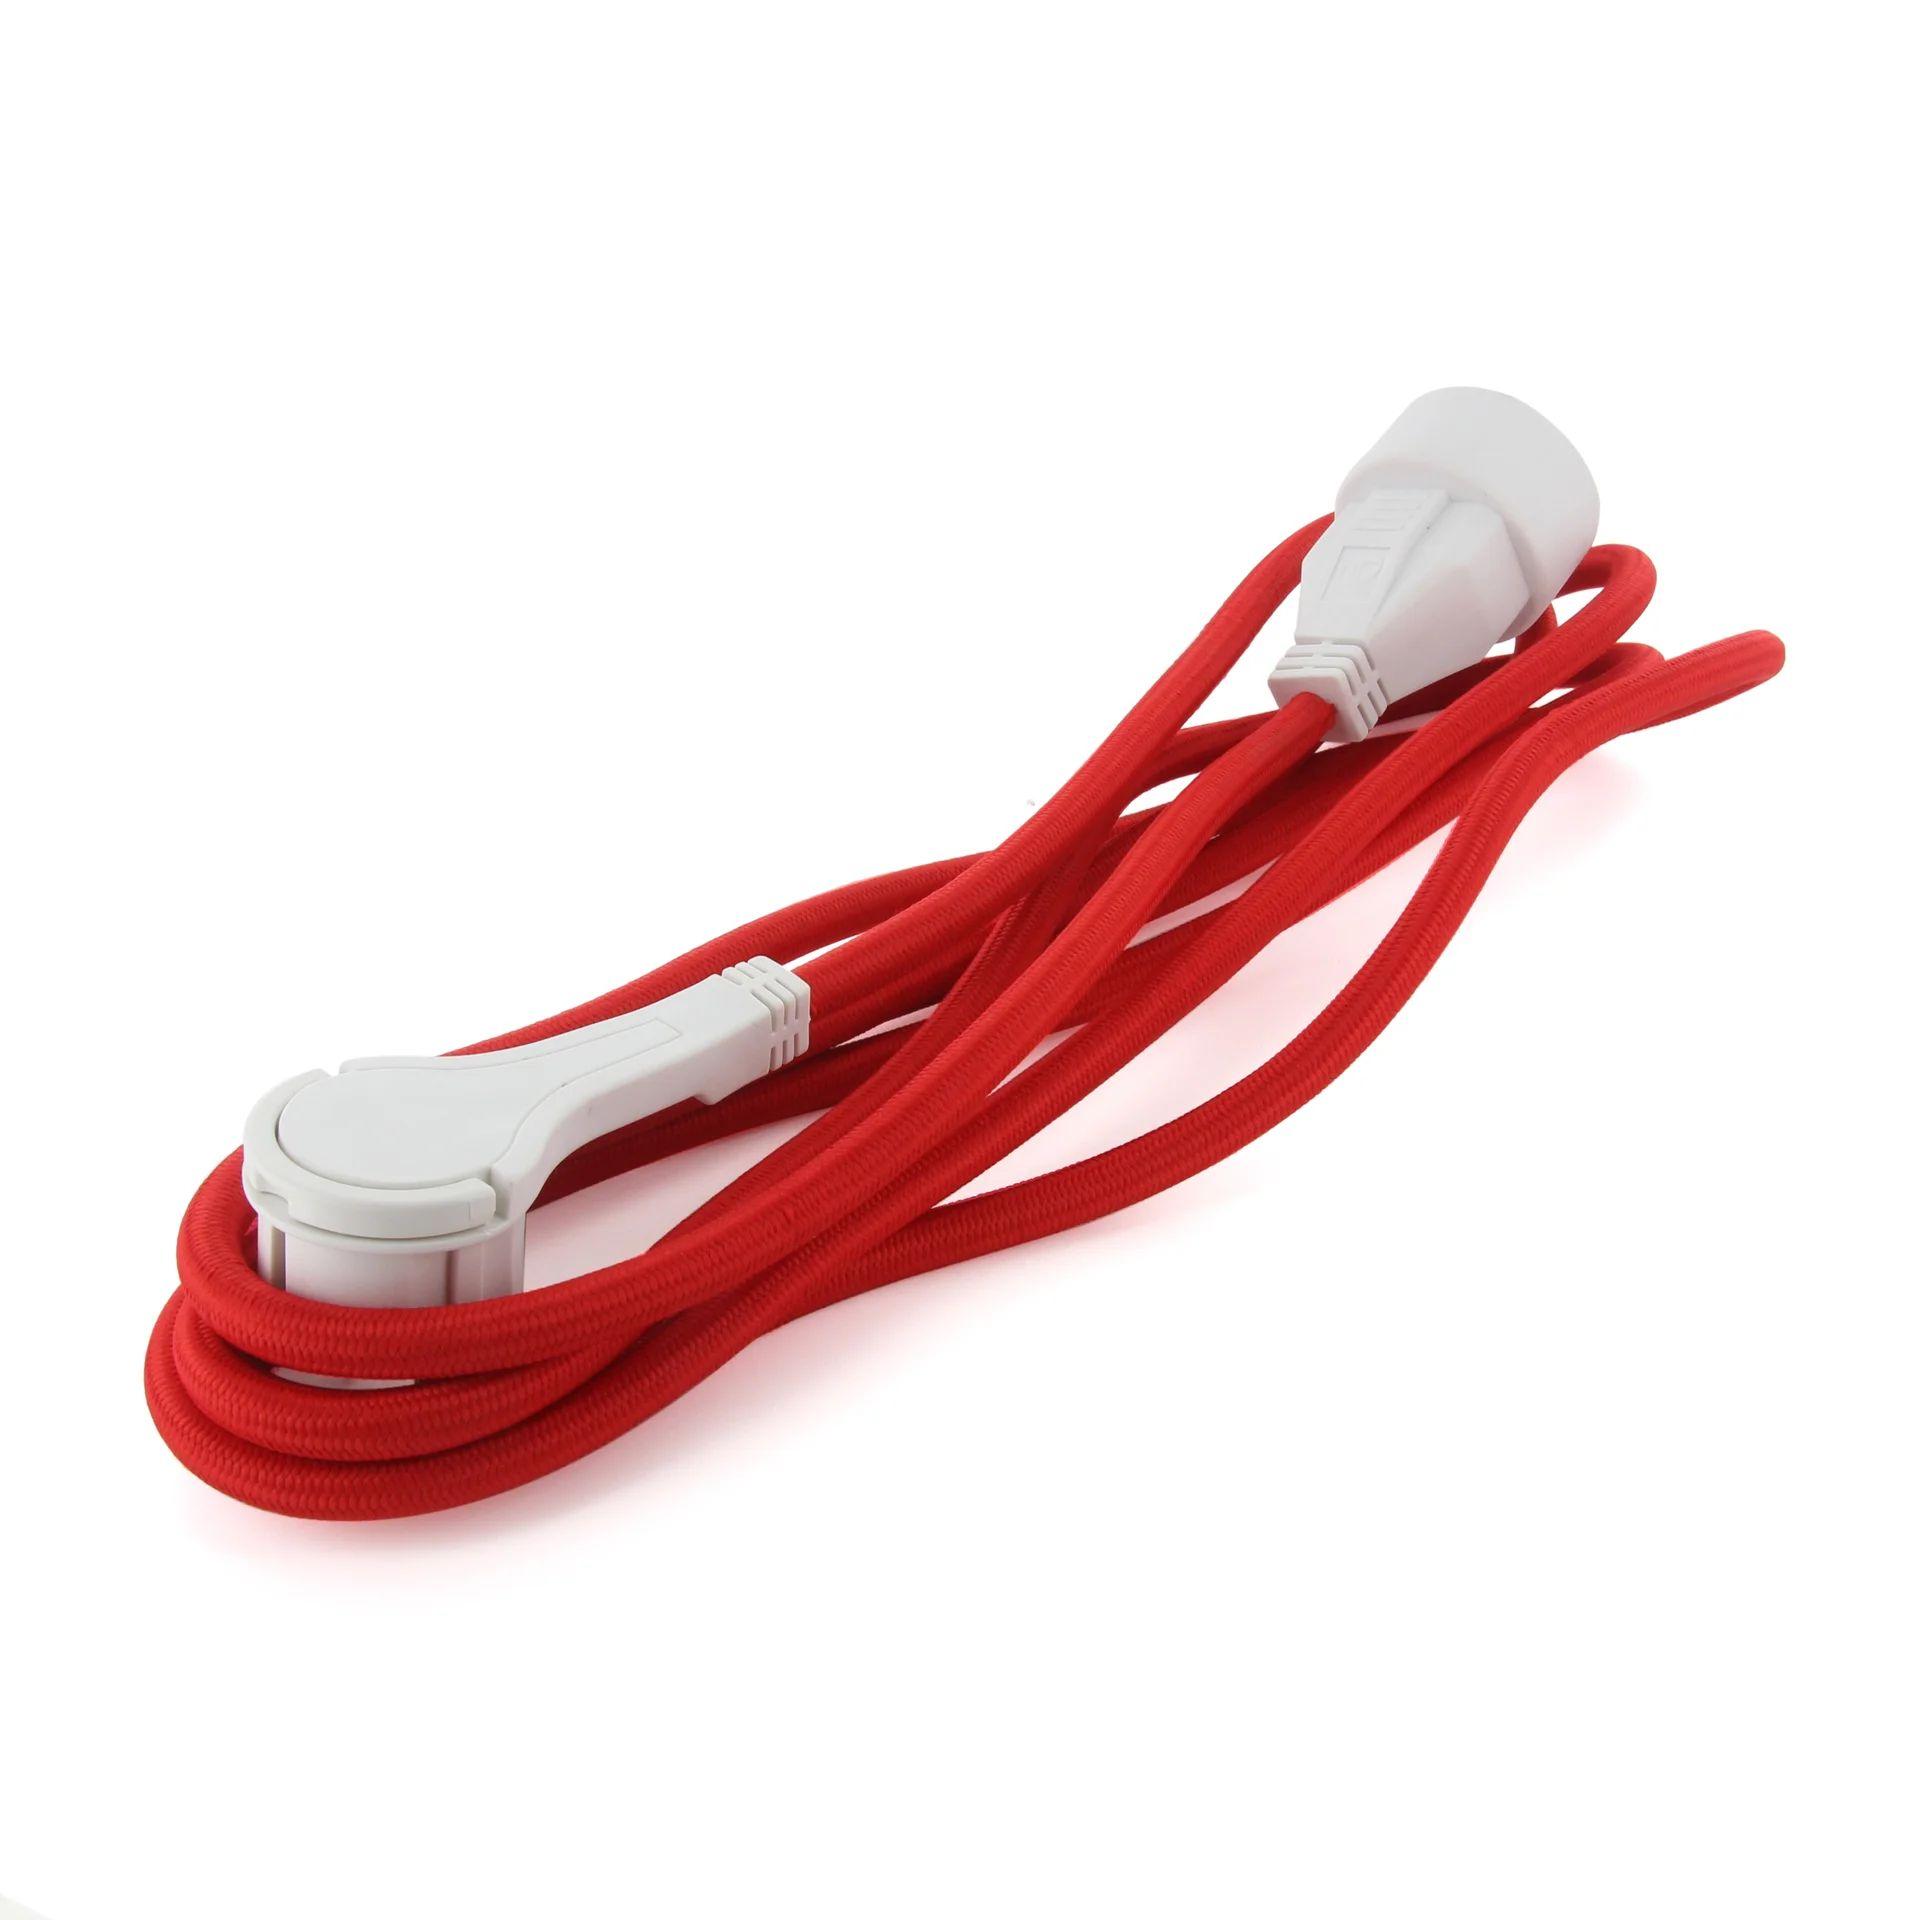 Rallonge Textile Electrique Menager Avec Terre L 3 M Ho5vvf 3g1 5 Rouge Leroy Merlin